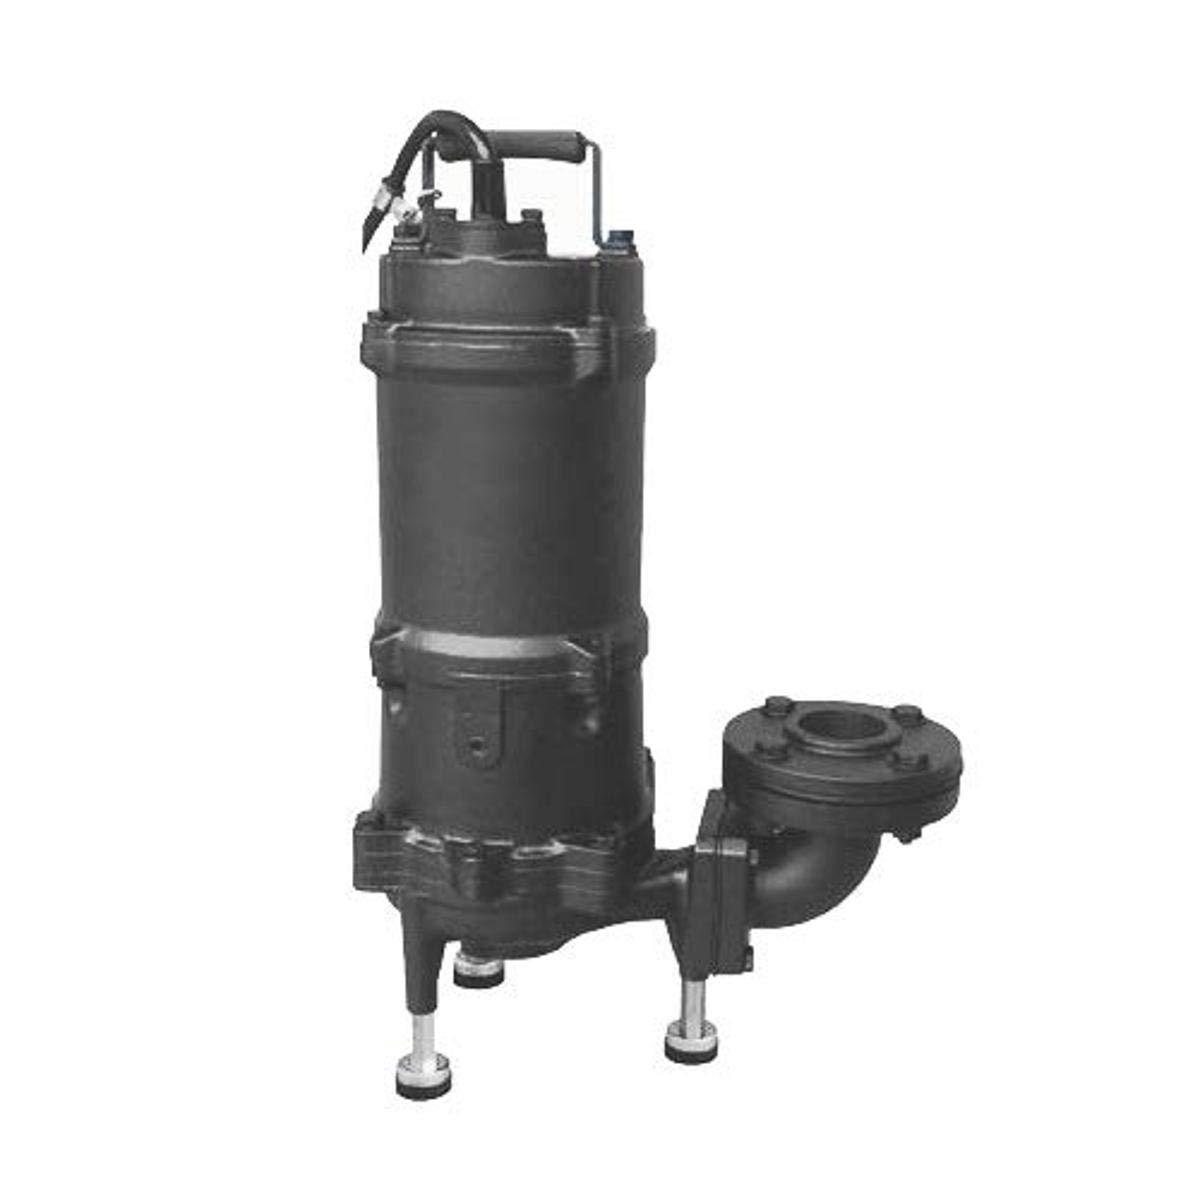 Mako Popular product Pumps Max 77% OFF CV-1203-21 1ph Grinder Pump 230V 3 hp